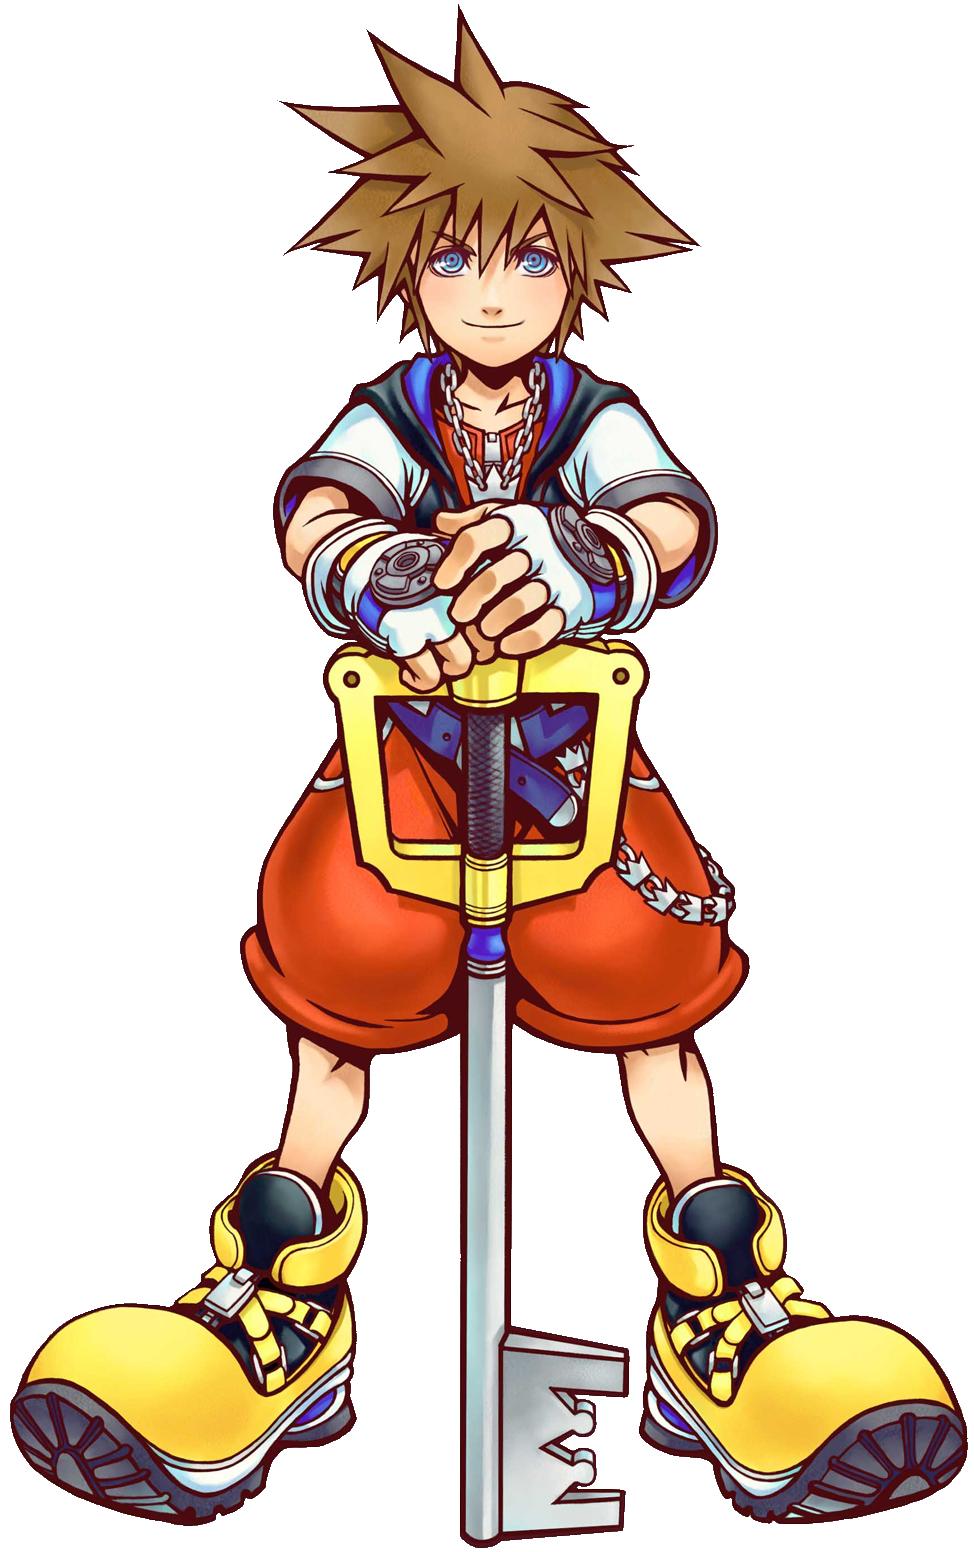 Kingdom hearts sora png. Image art kh wiki